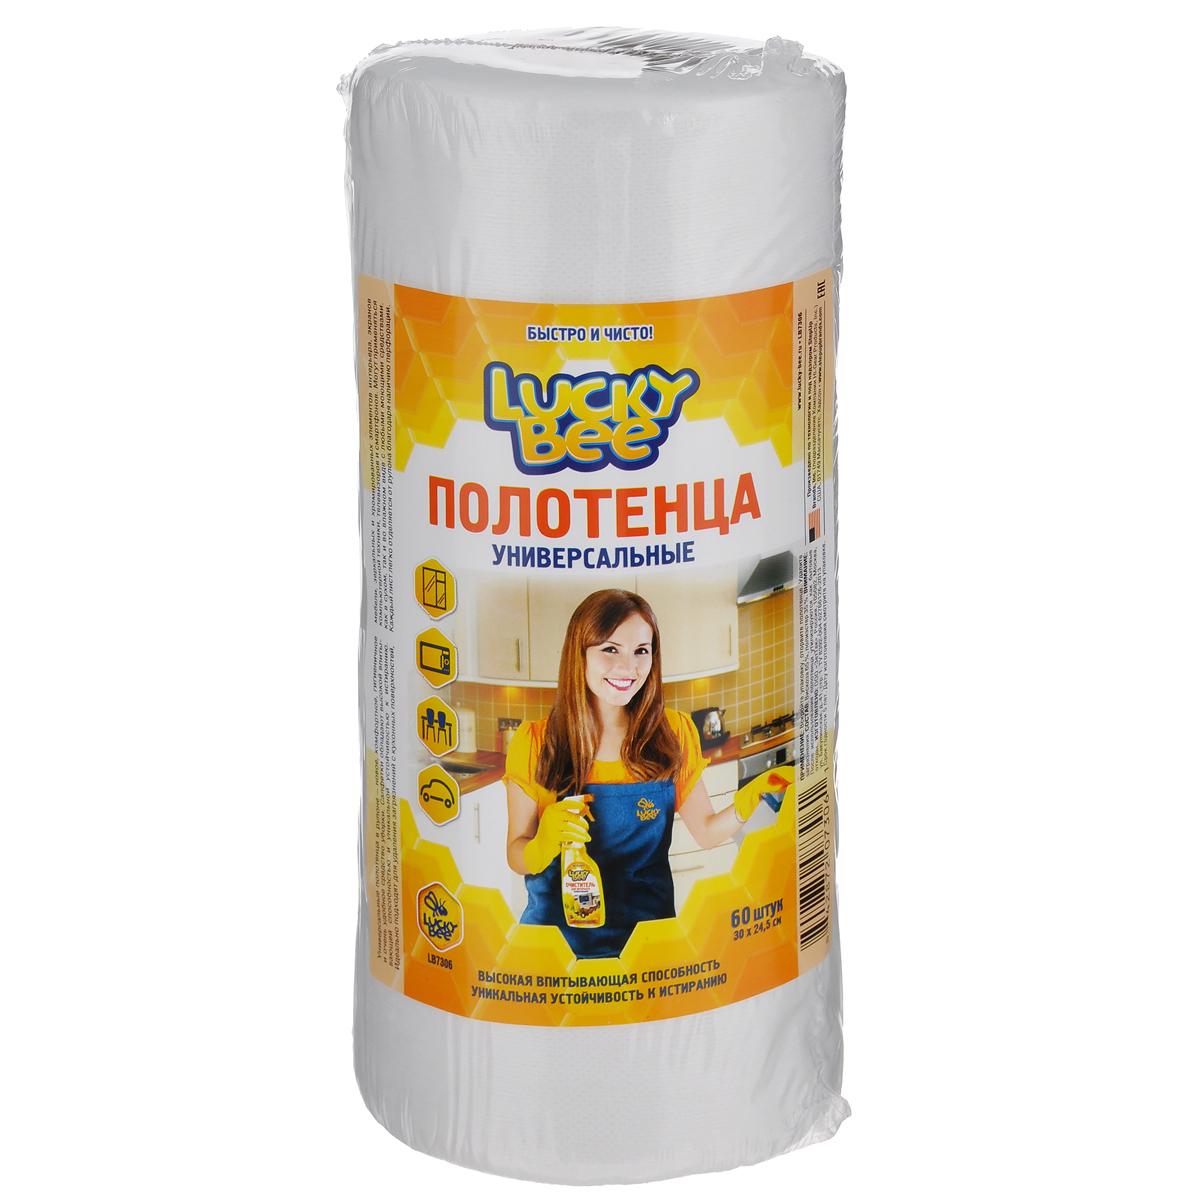 Полотенца Lucky Bee универсальные, цвет: белый, 30 см х 24,5 см, 60 шт649Универсальные полотенца в рулоне Lucky Bee изготовлены из 65% вискозы и 35% полиэстера. В наборе - 60 штук. Изделия обладают высокой впитывающей способностью и уникальной устойчивостью к истиранию. Идеально подходят для удаления загрязнений с кухонных поверхностей, мебели, зеркальных и хромированных элементов интерьера, экранов компьютерной техники, телевизоров и смартфонов. Полотенца могут применяться как в сухом, так и во влажном виде с любыми моющими средствами. Каждый лист легко отделяется от рулона благодаря наличию перфорации. Размер полотенца: 30 см х 24,5 см.